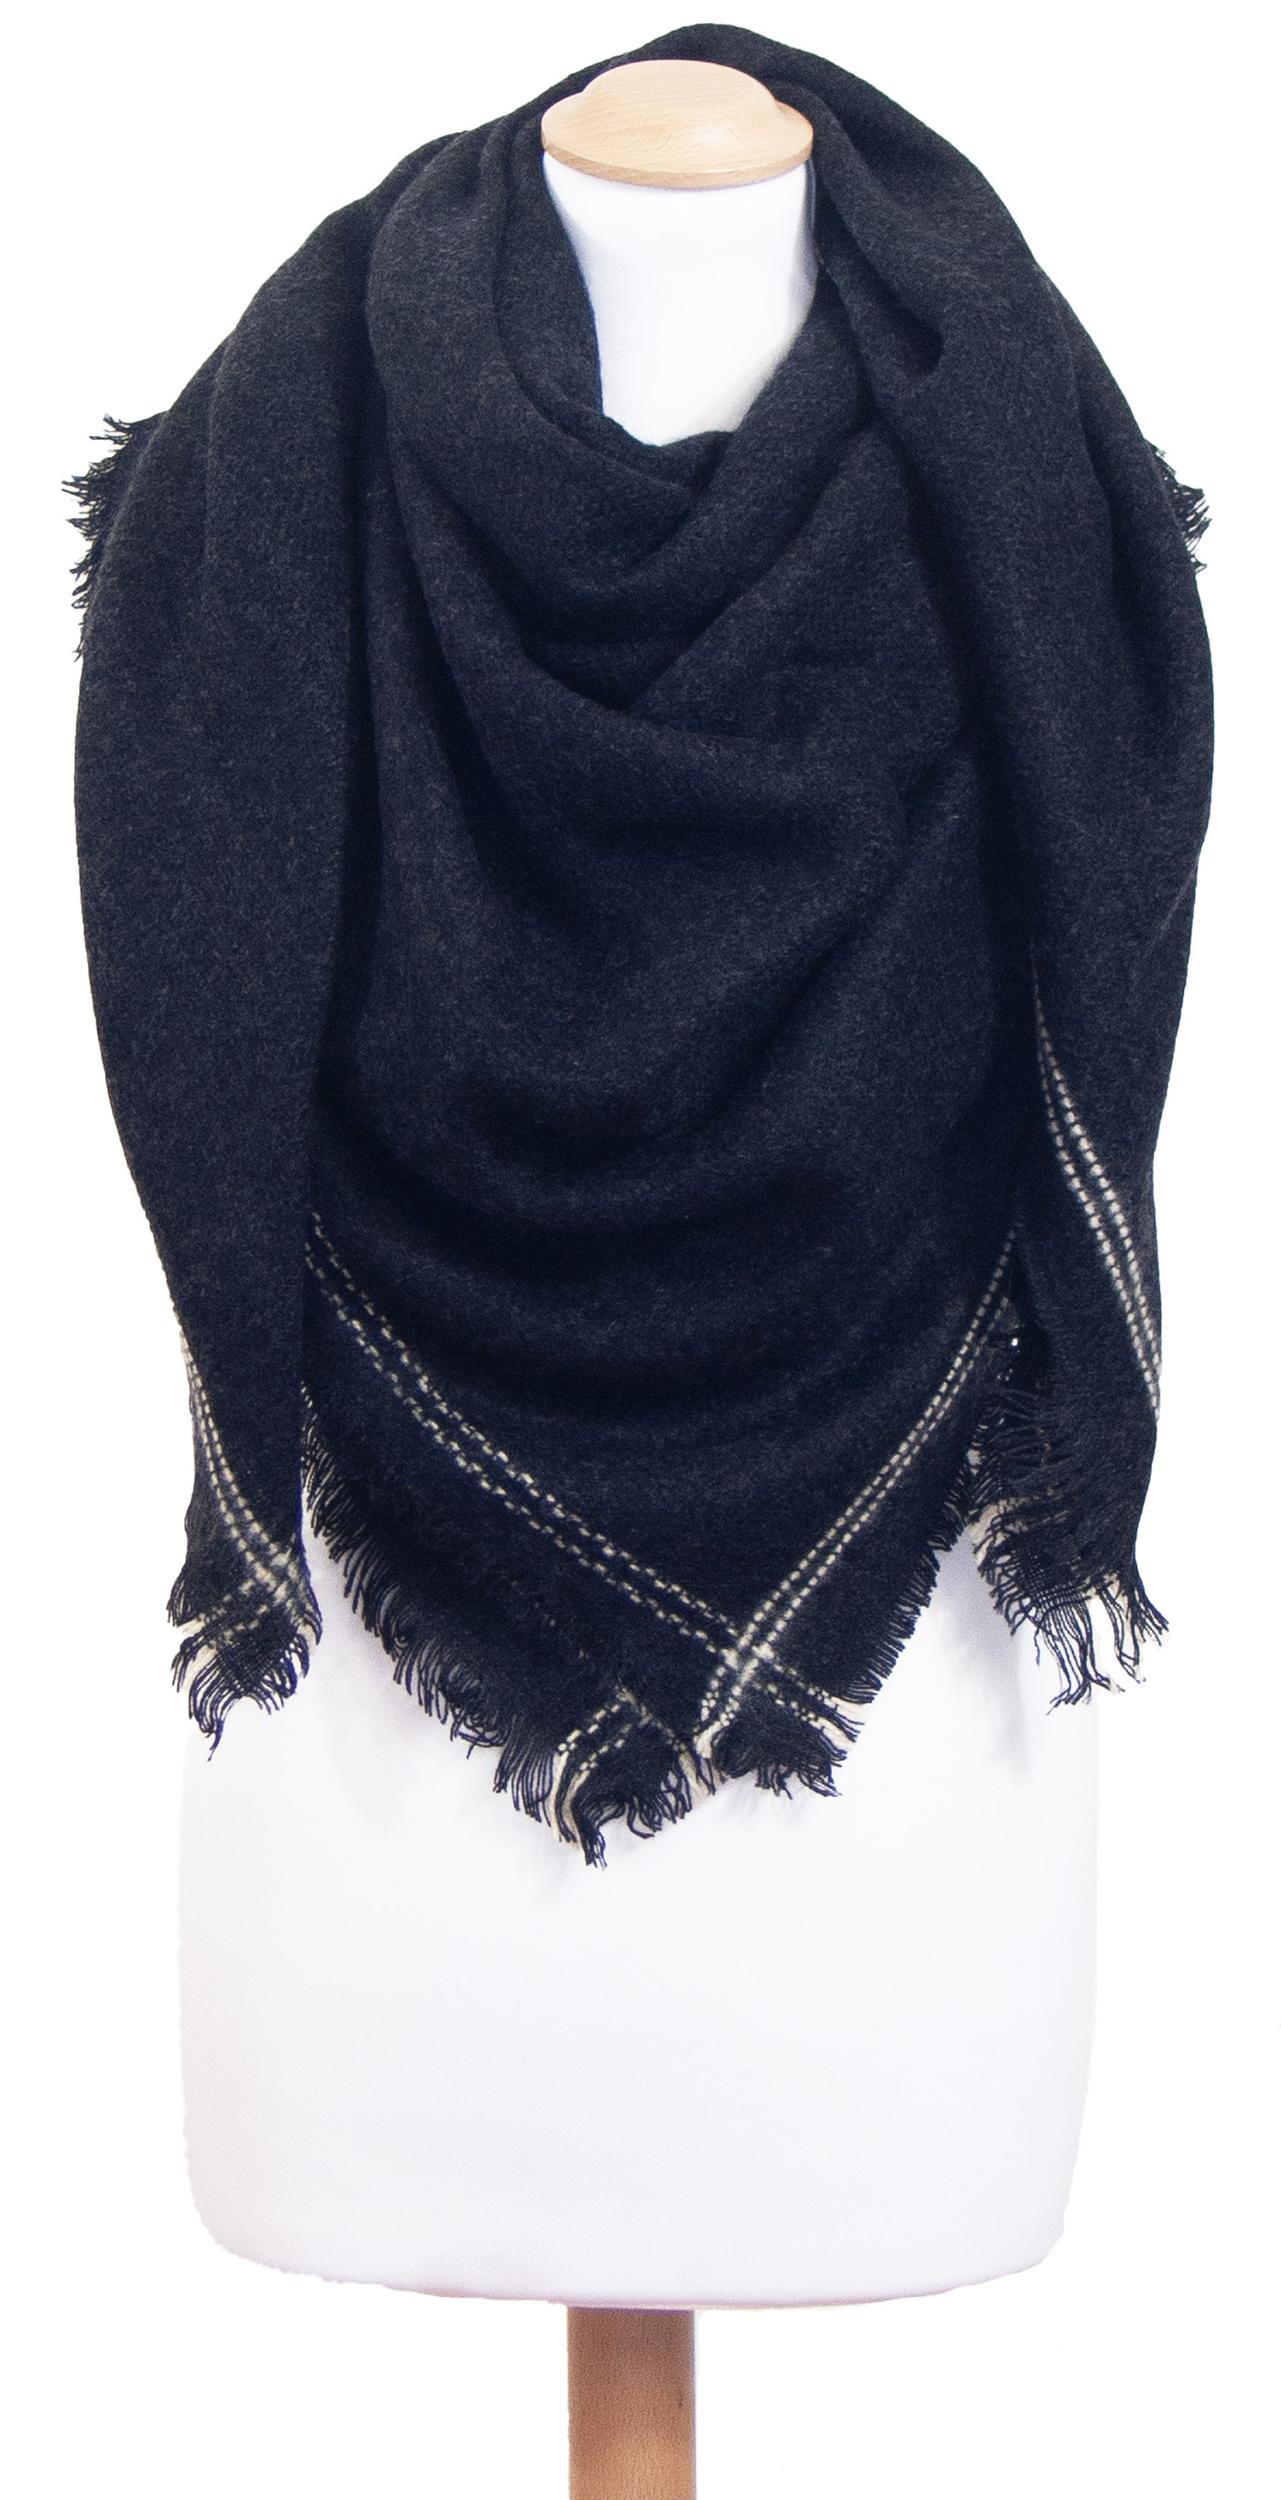 Châle carré noir surpiqûres blanches Lia